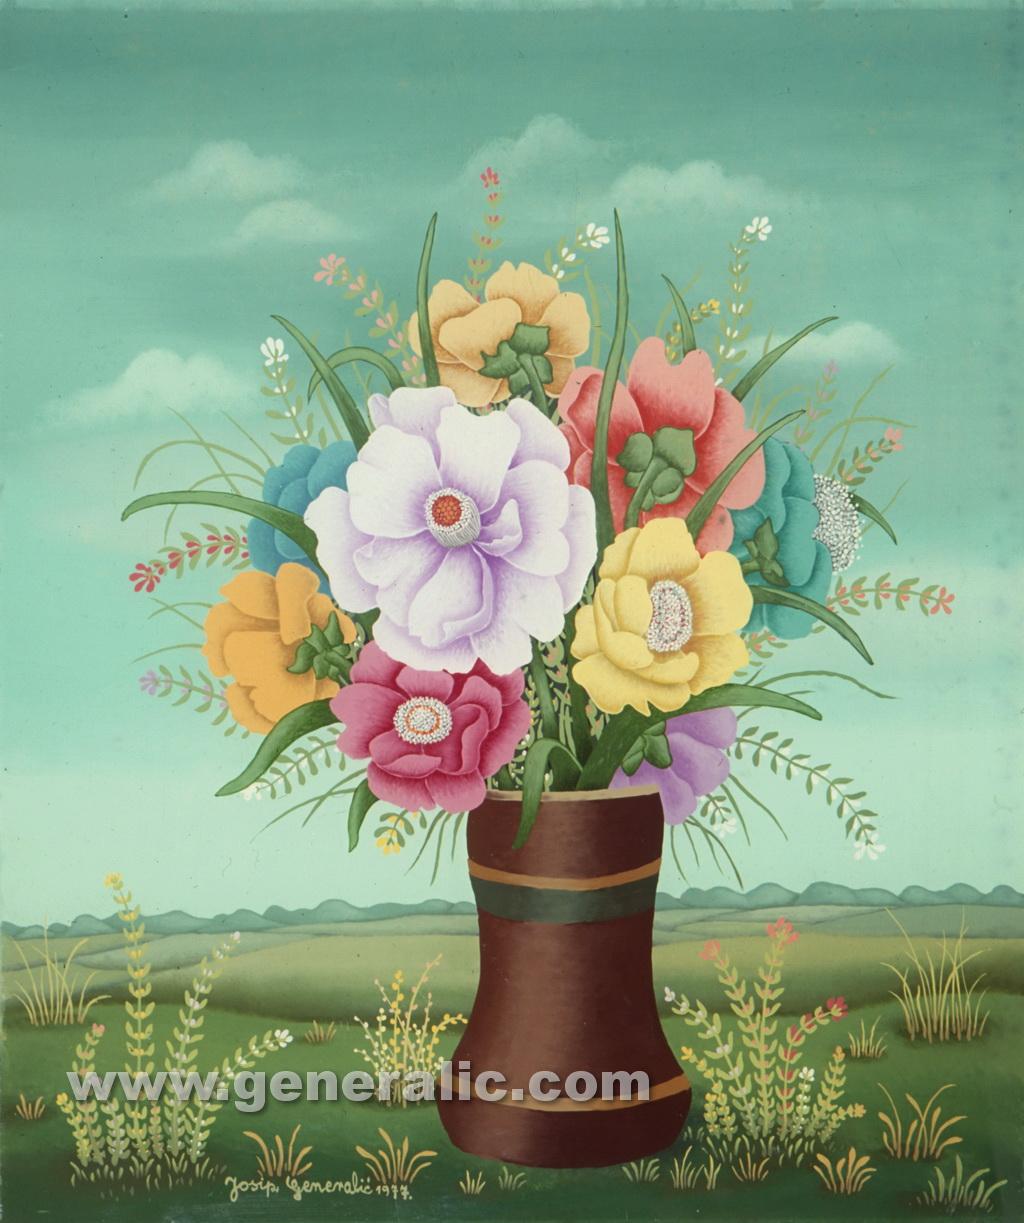 Josip Generalic, 1977, Flowers in brown vase, oil on glass